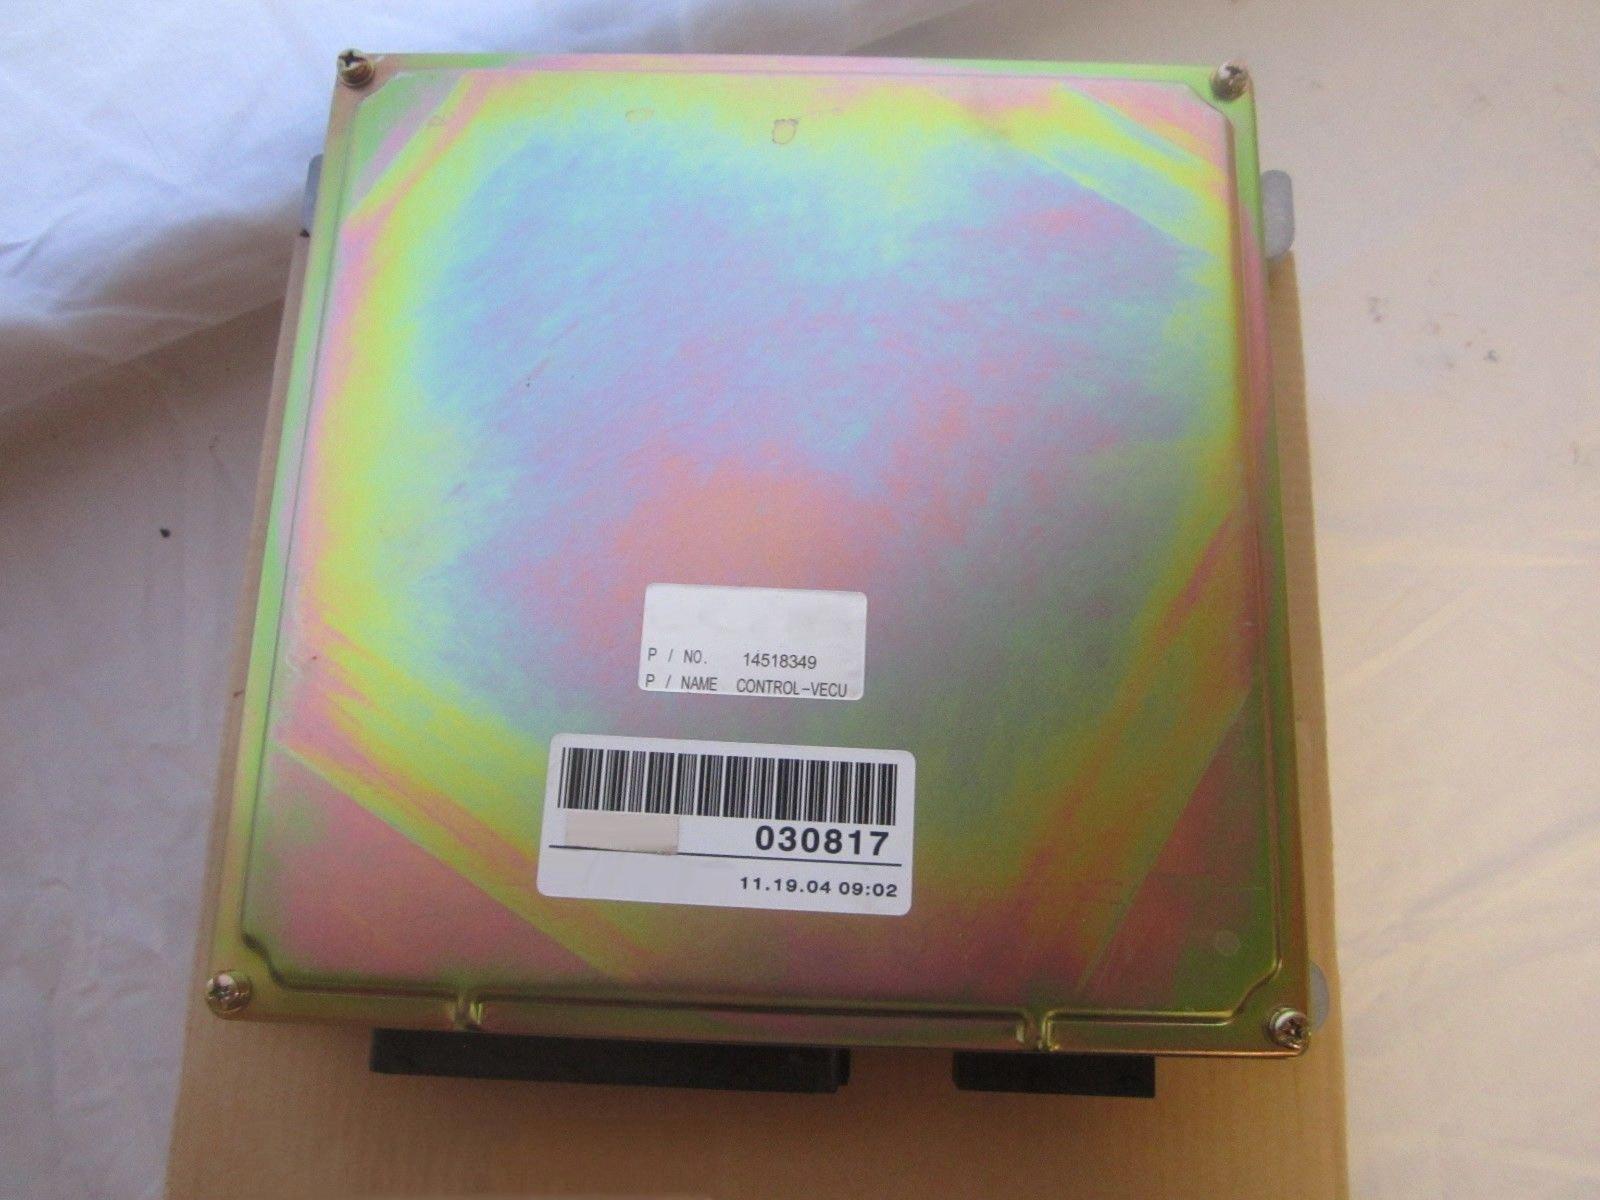 14531360 14518349 ECU VECU Controller For Volvo Excavator EC210B EC460B EC460BLC Programmed